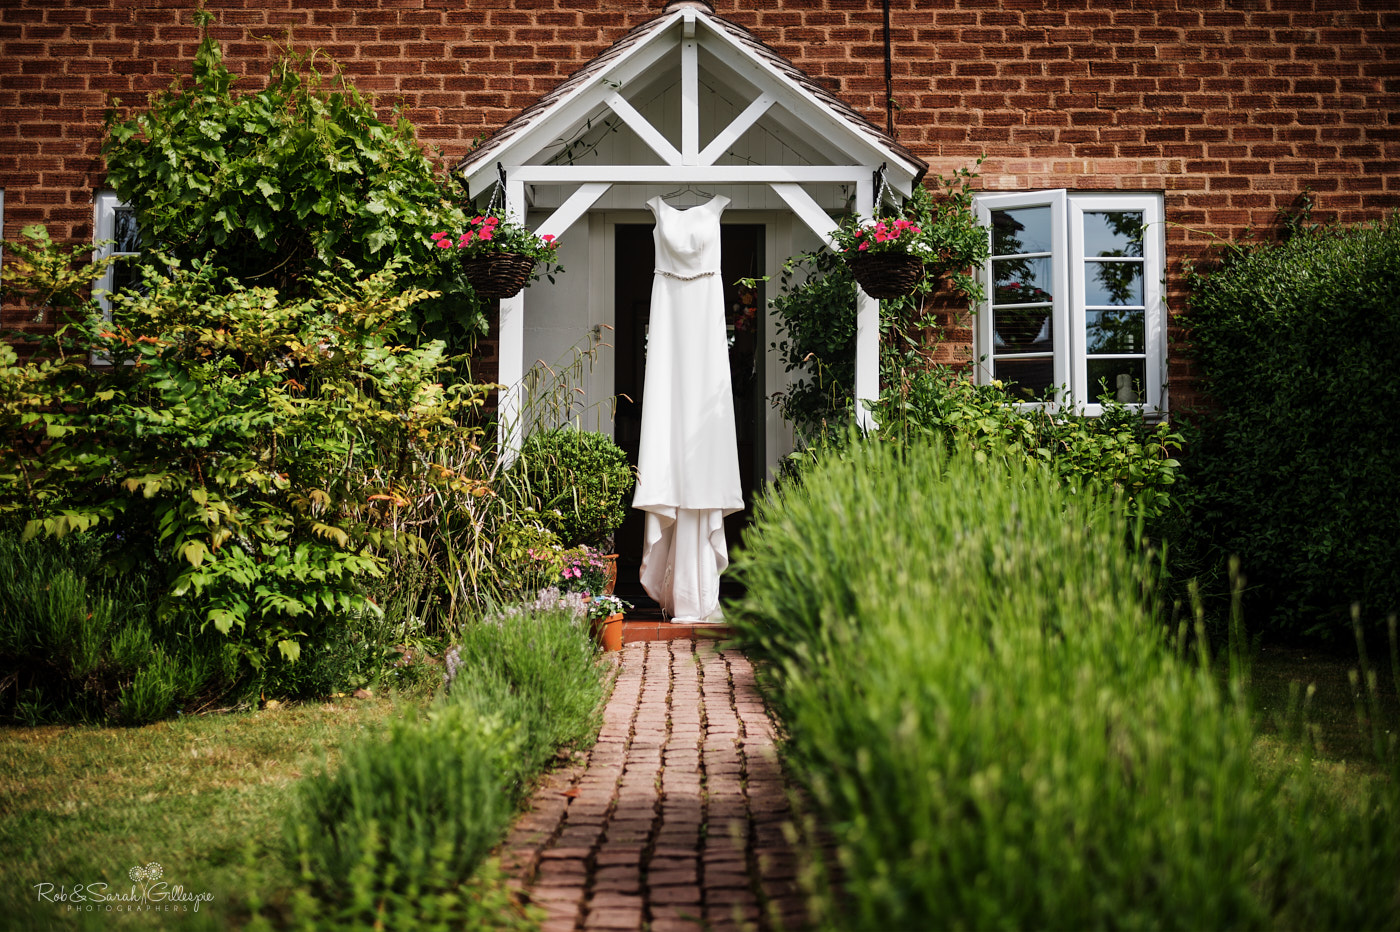 Wedding dress hanging in doorway on summers day